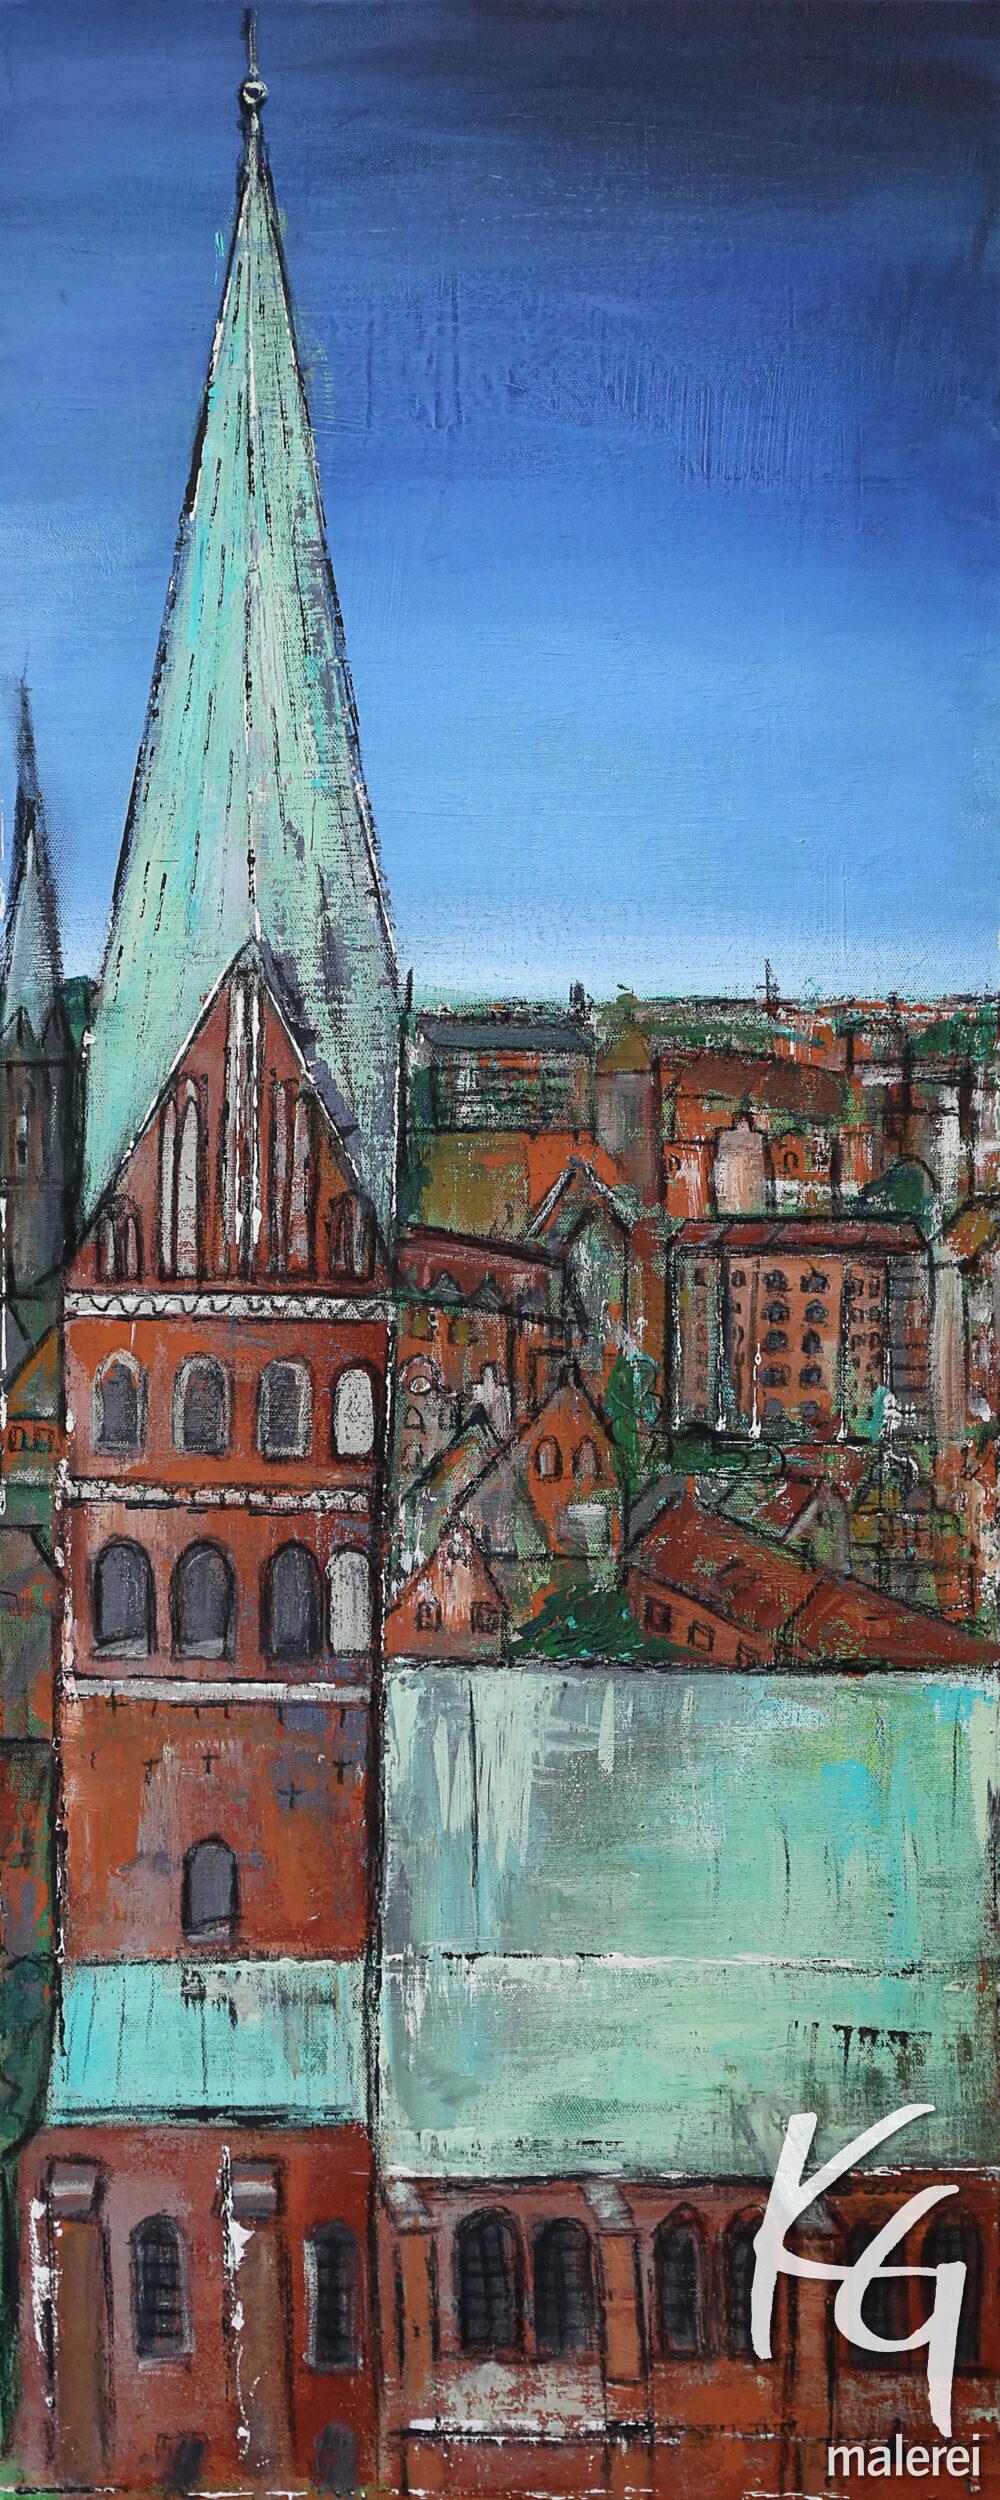 Das Gemälde St. Johanniskirche Lüneburg zeigt Die Johanniskirche Lüneburg in natürlichen Farben vor blauem Himmel. Die Backsteingiebel der Häuser im Hintergrund sind typisch für die Hansestadt Lüneburg.